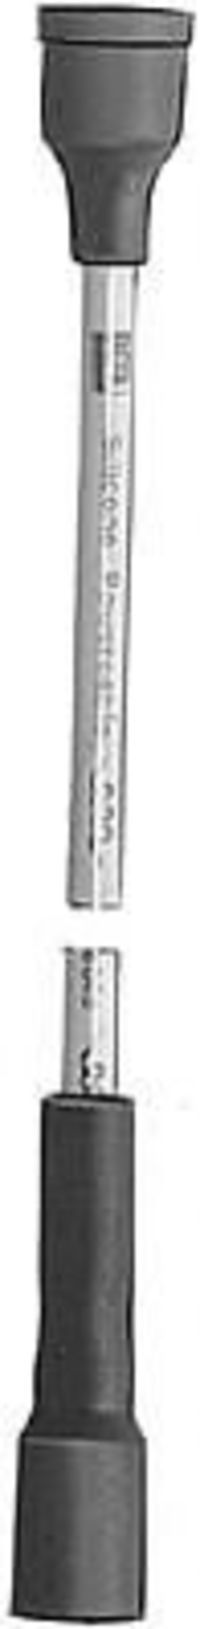 Провод зажигания BERU R3